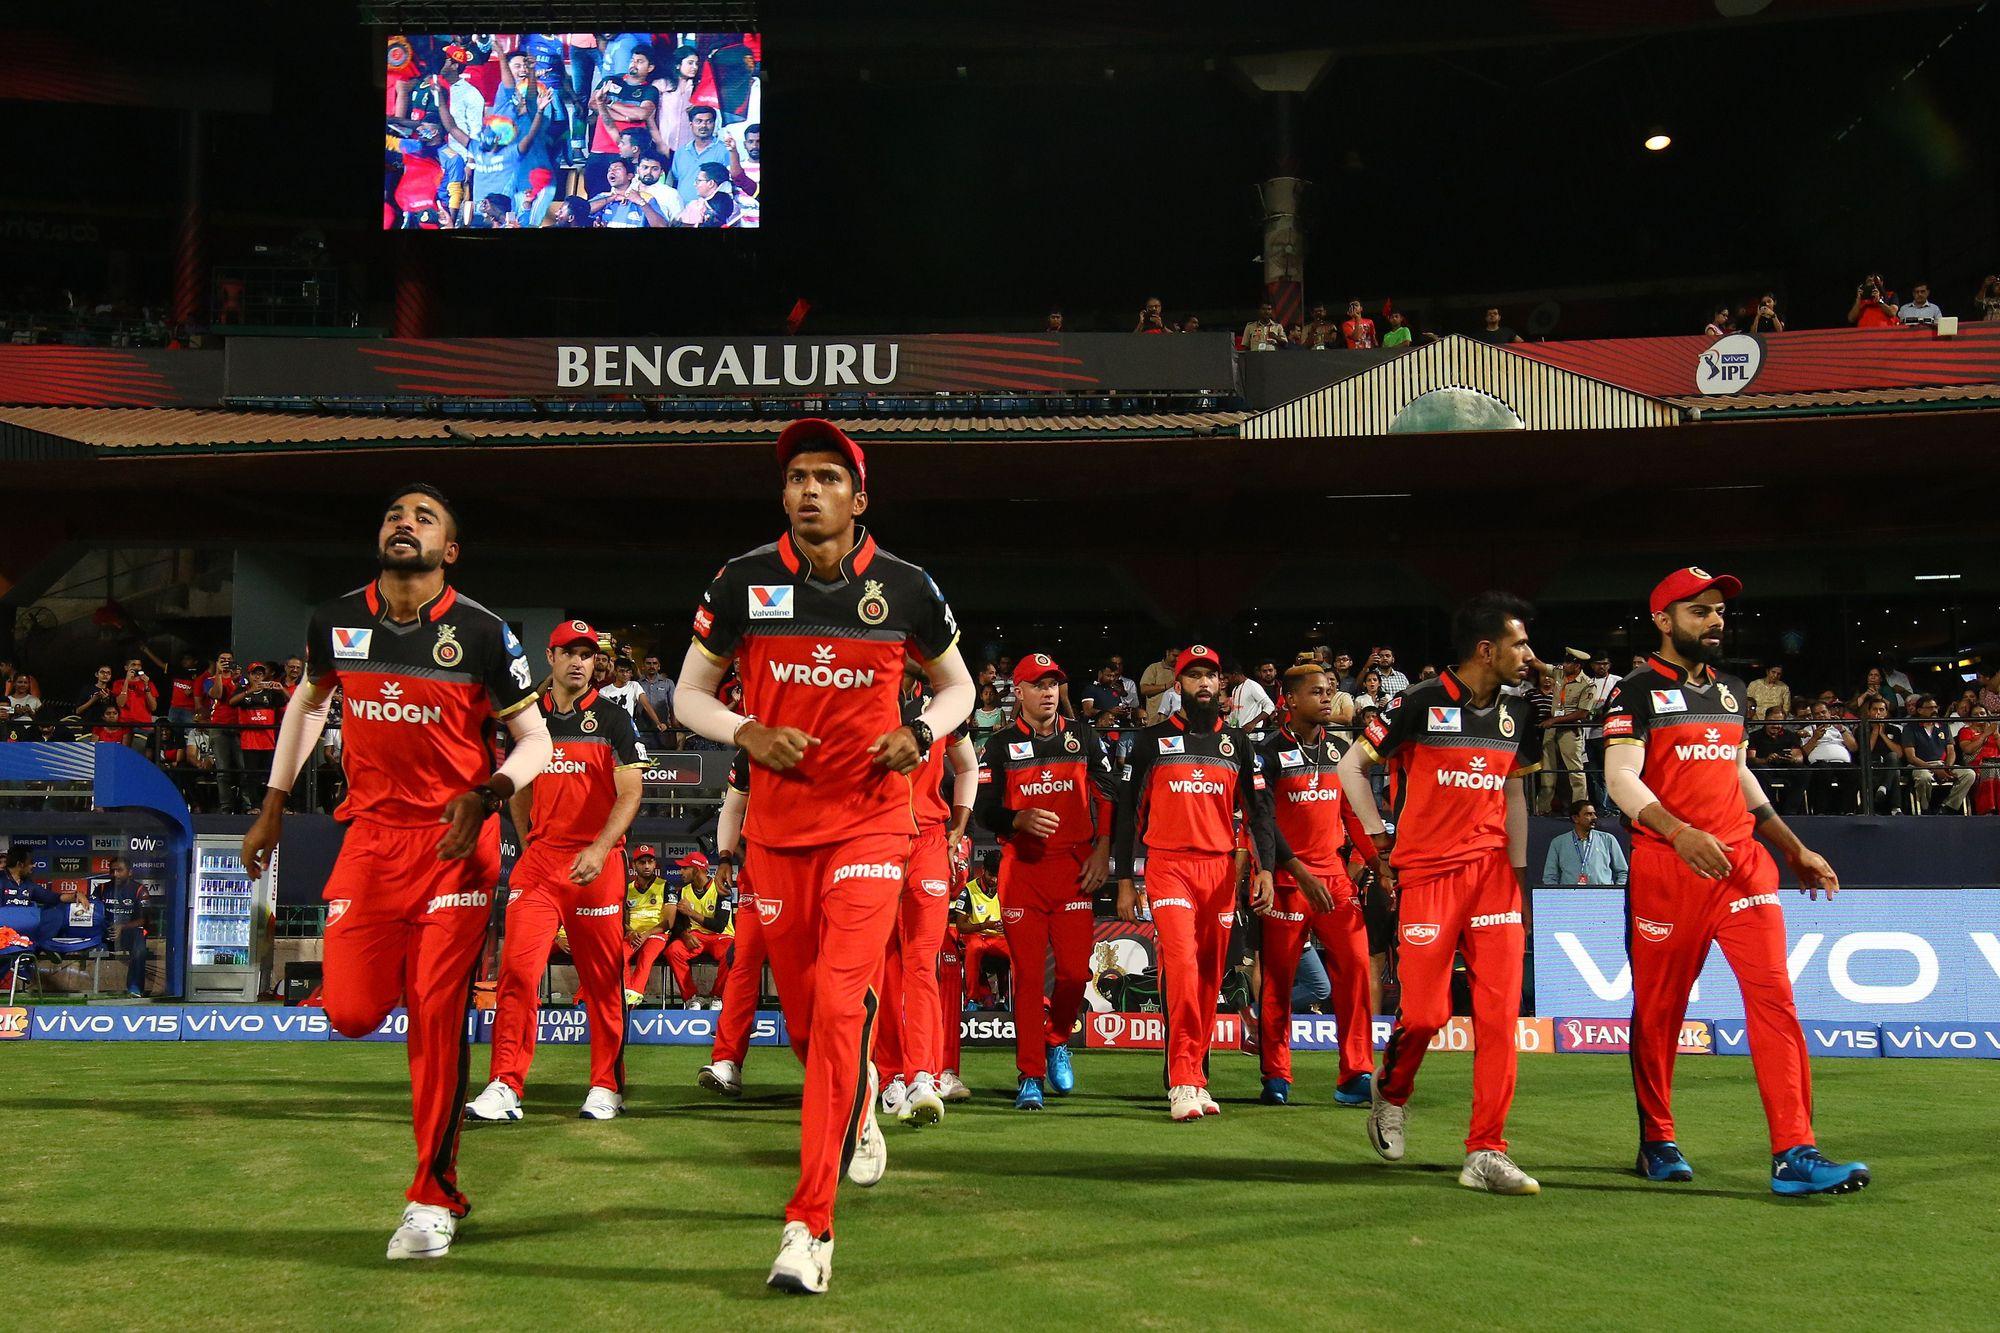 आईपीएल 2020: रॉयल चैलेंजर्स बैंगलोर ने नये सपोर्ट स्टाफ का किया ऐलान, कई बड़े नाम जोड़े 4